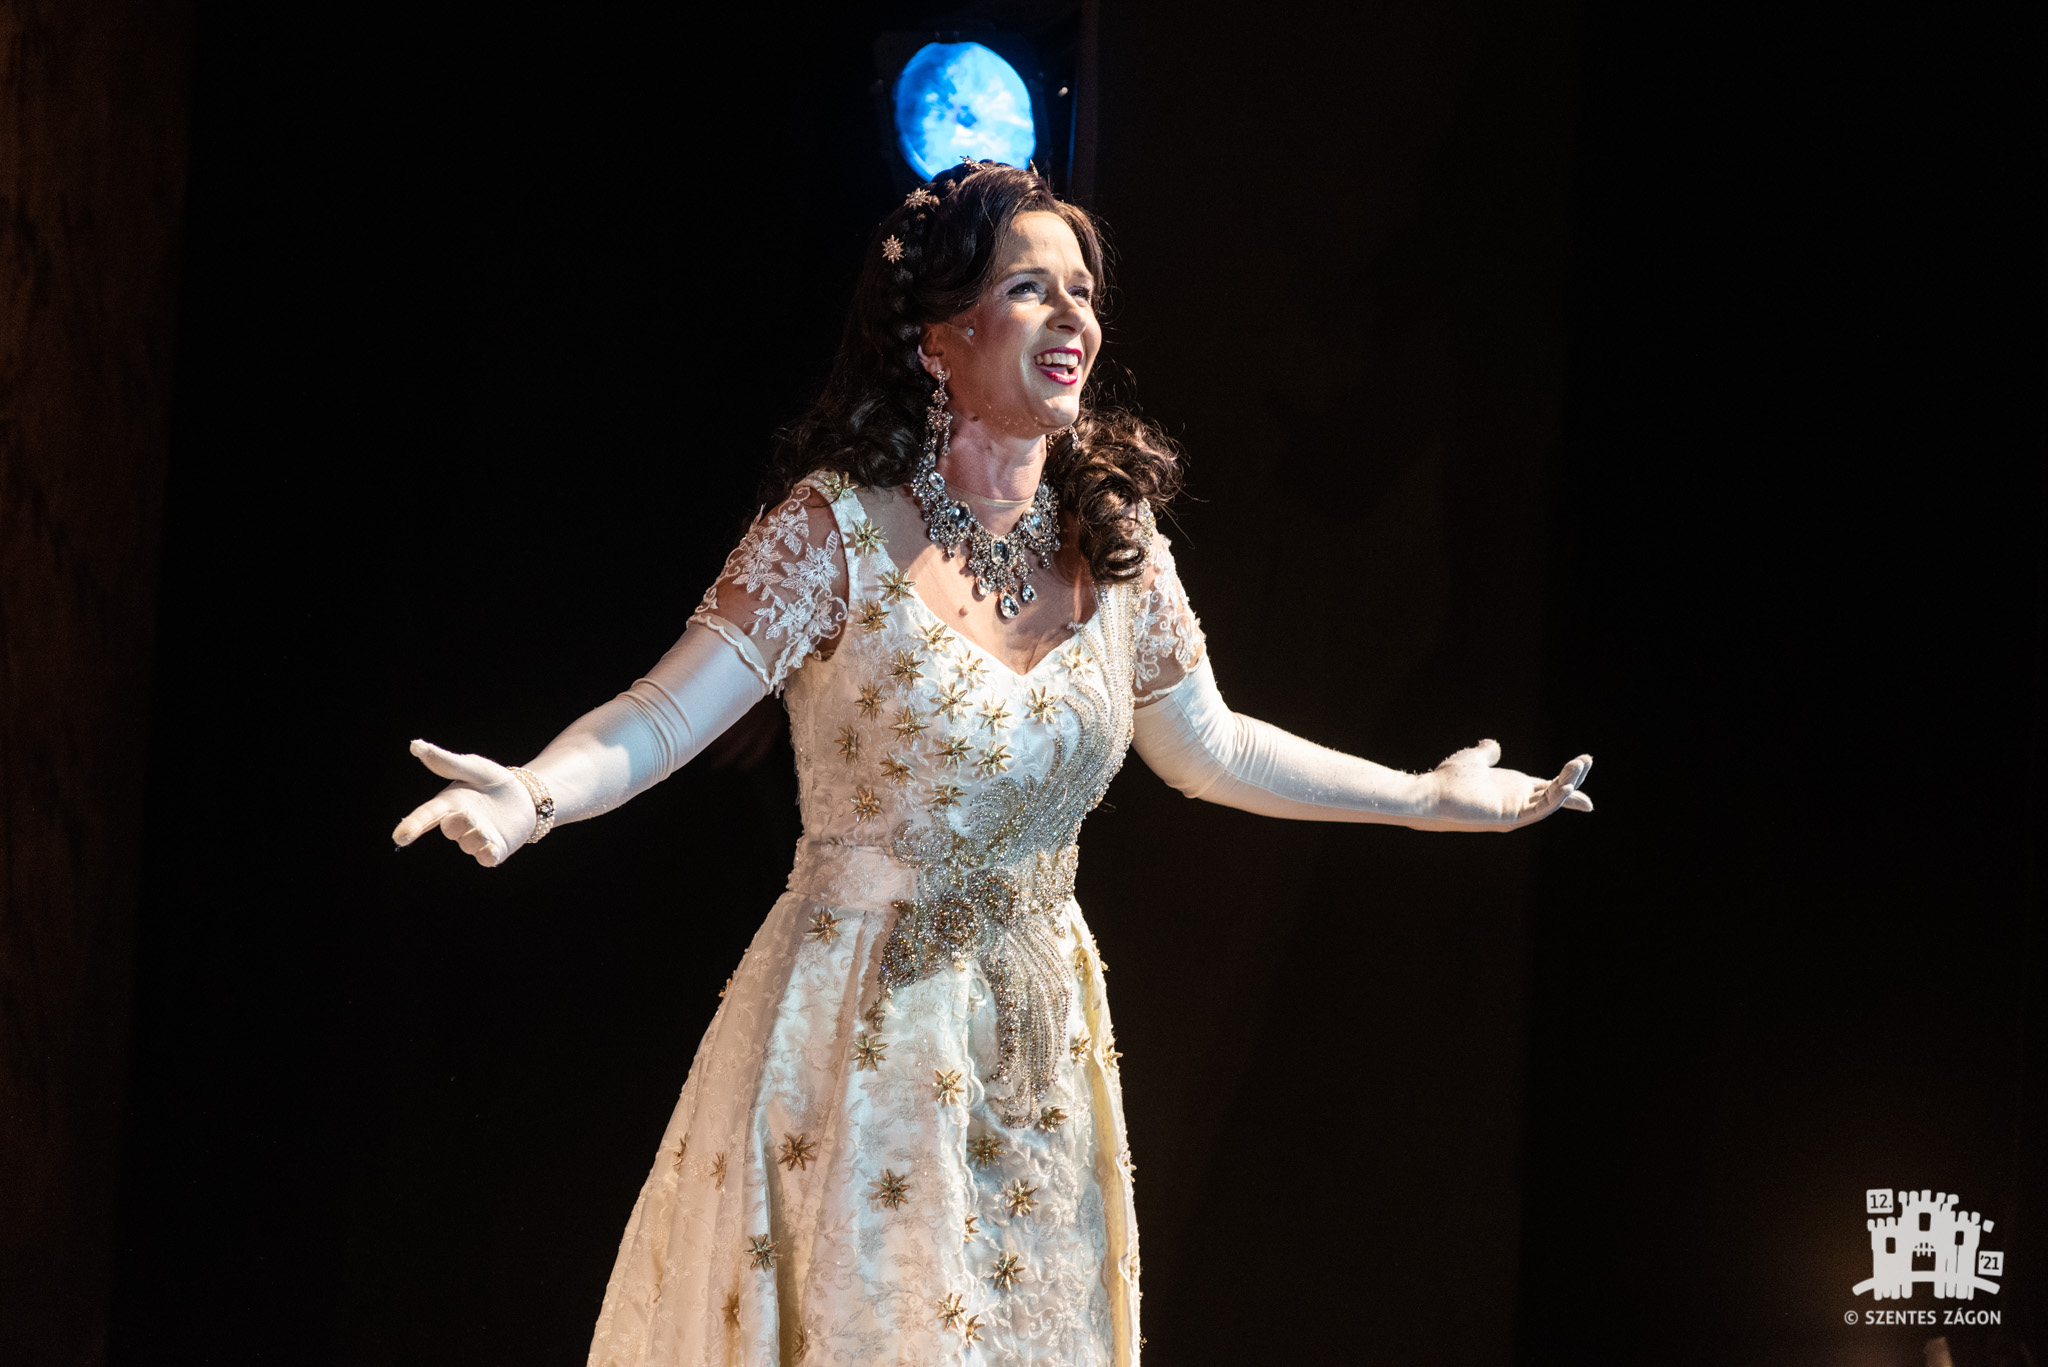 Opereta Sissi, regina maghiarilor de Huszka Jenő și Szilágyi László